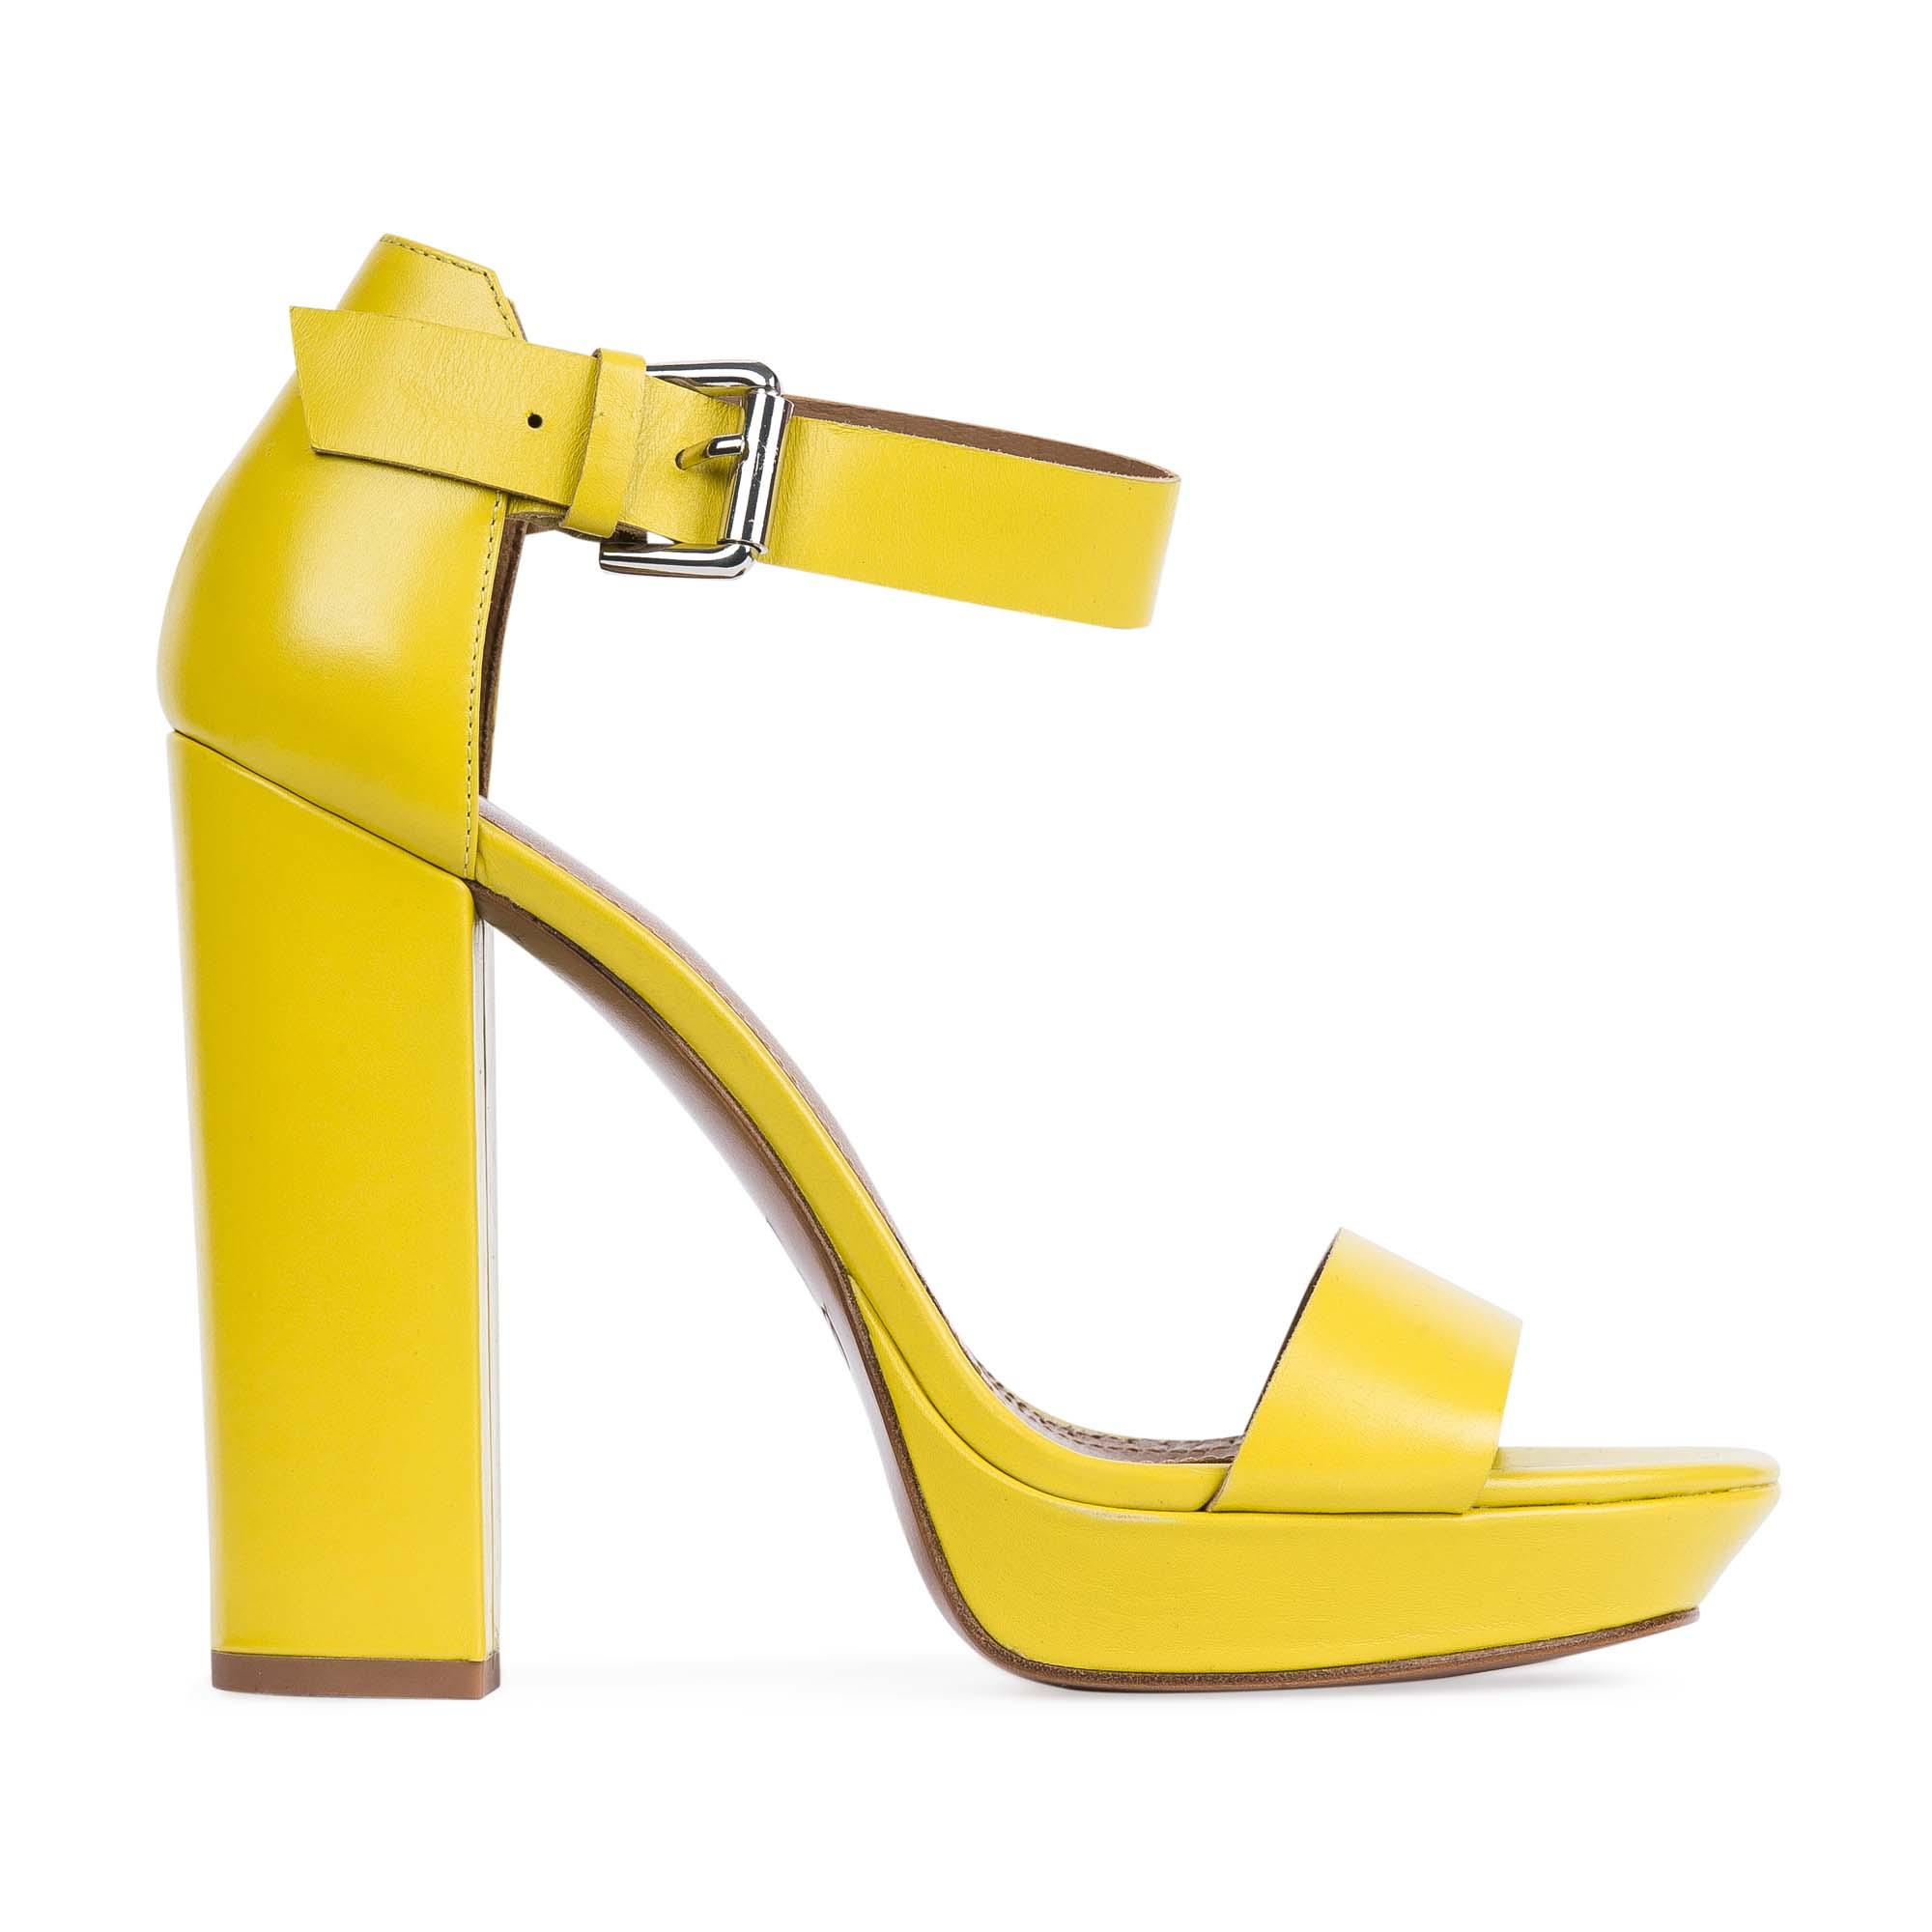 Босоножки на высоком каблуке канареечного цветаТуфли женские<br><br>Материал верха: Кожа<br>Материал подкладки: Кожа<br>Материал подошвы: Кожа<br>Цвет: Желтый<br>Высота каблука: 14 см<br>Дизайн: Италия<br>Страна производства: Китай<br><br>Высота каблука: 14 см<br>Материал верха: Кожа<br>Материал подкладки: Кожа<br>Цвет: Желтый<br>Вес кг: 0.69000000<br>Размер: 39